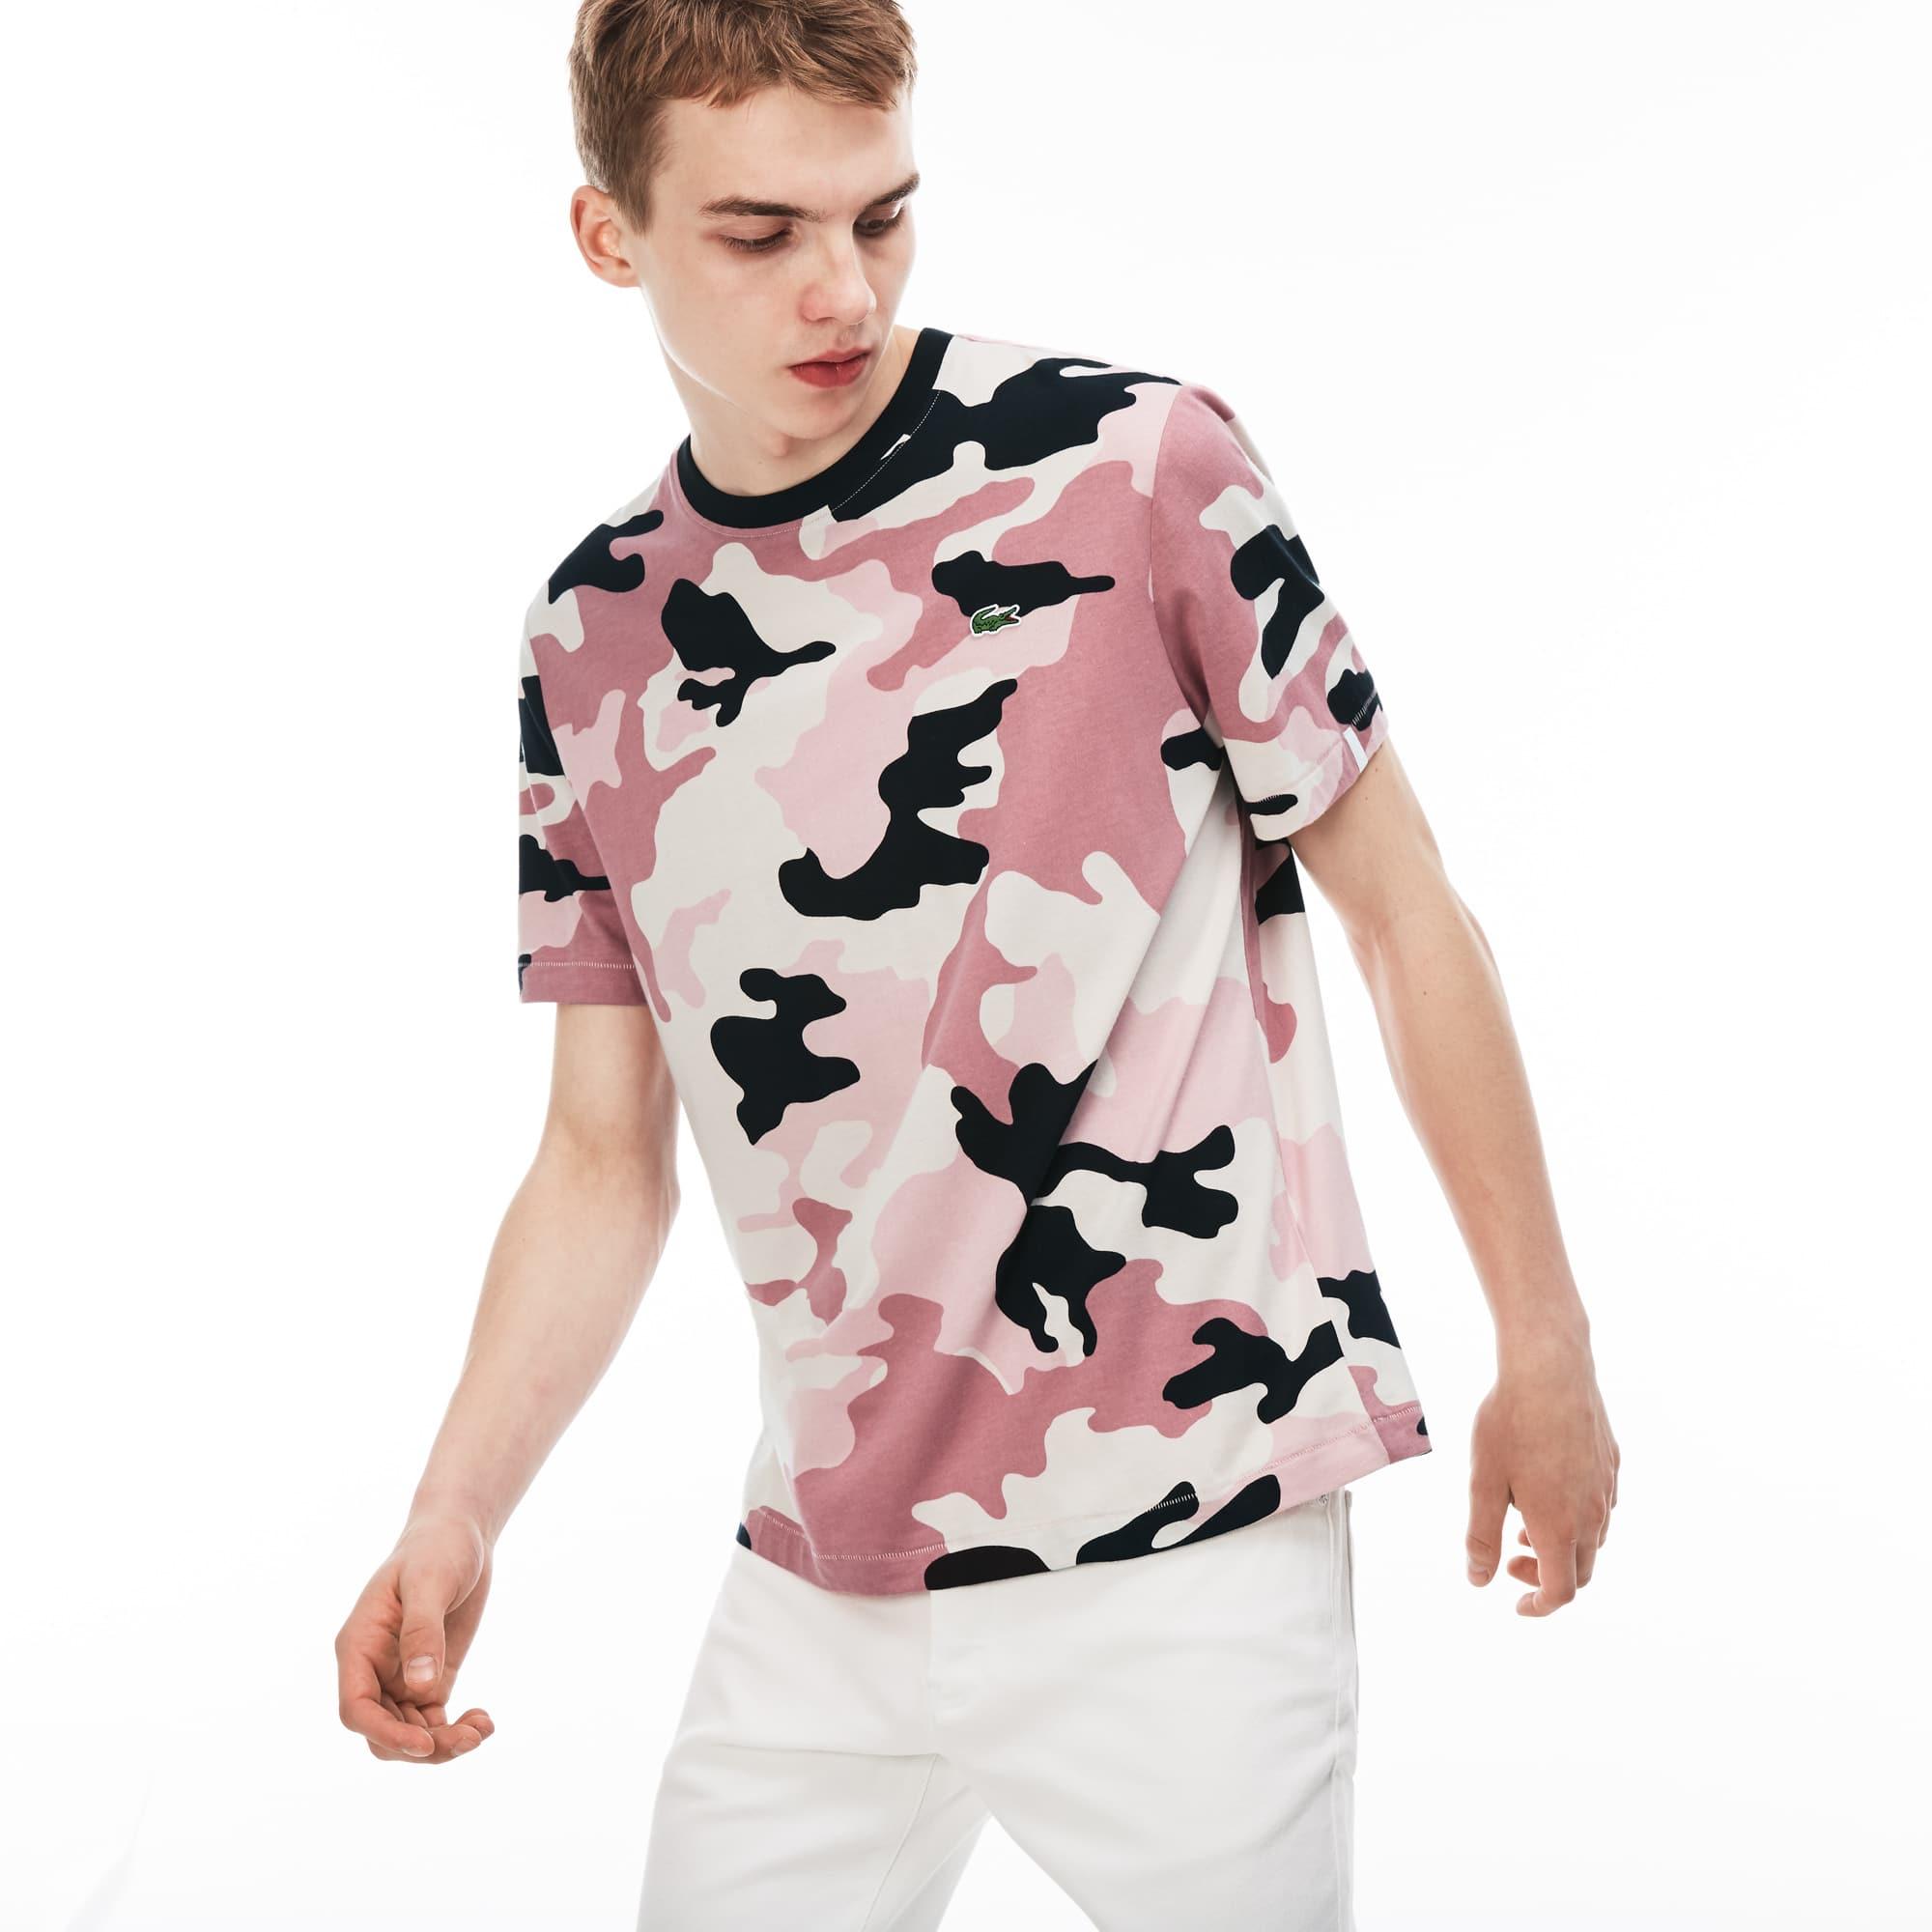 T-shirt com decote redondo Lacoste LIVE em jersey com impressão camuflagem